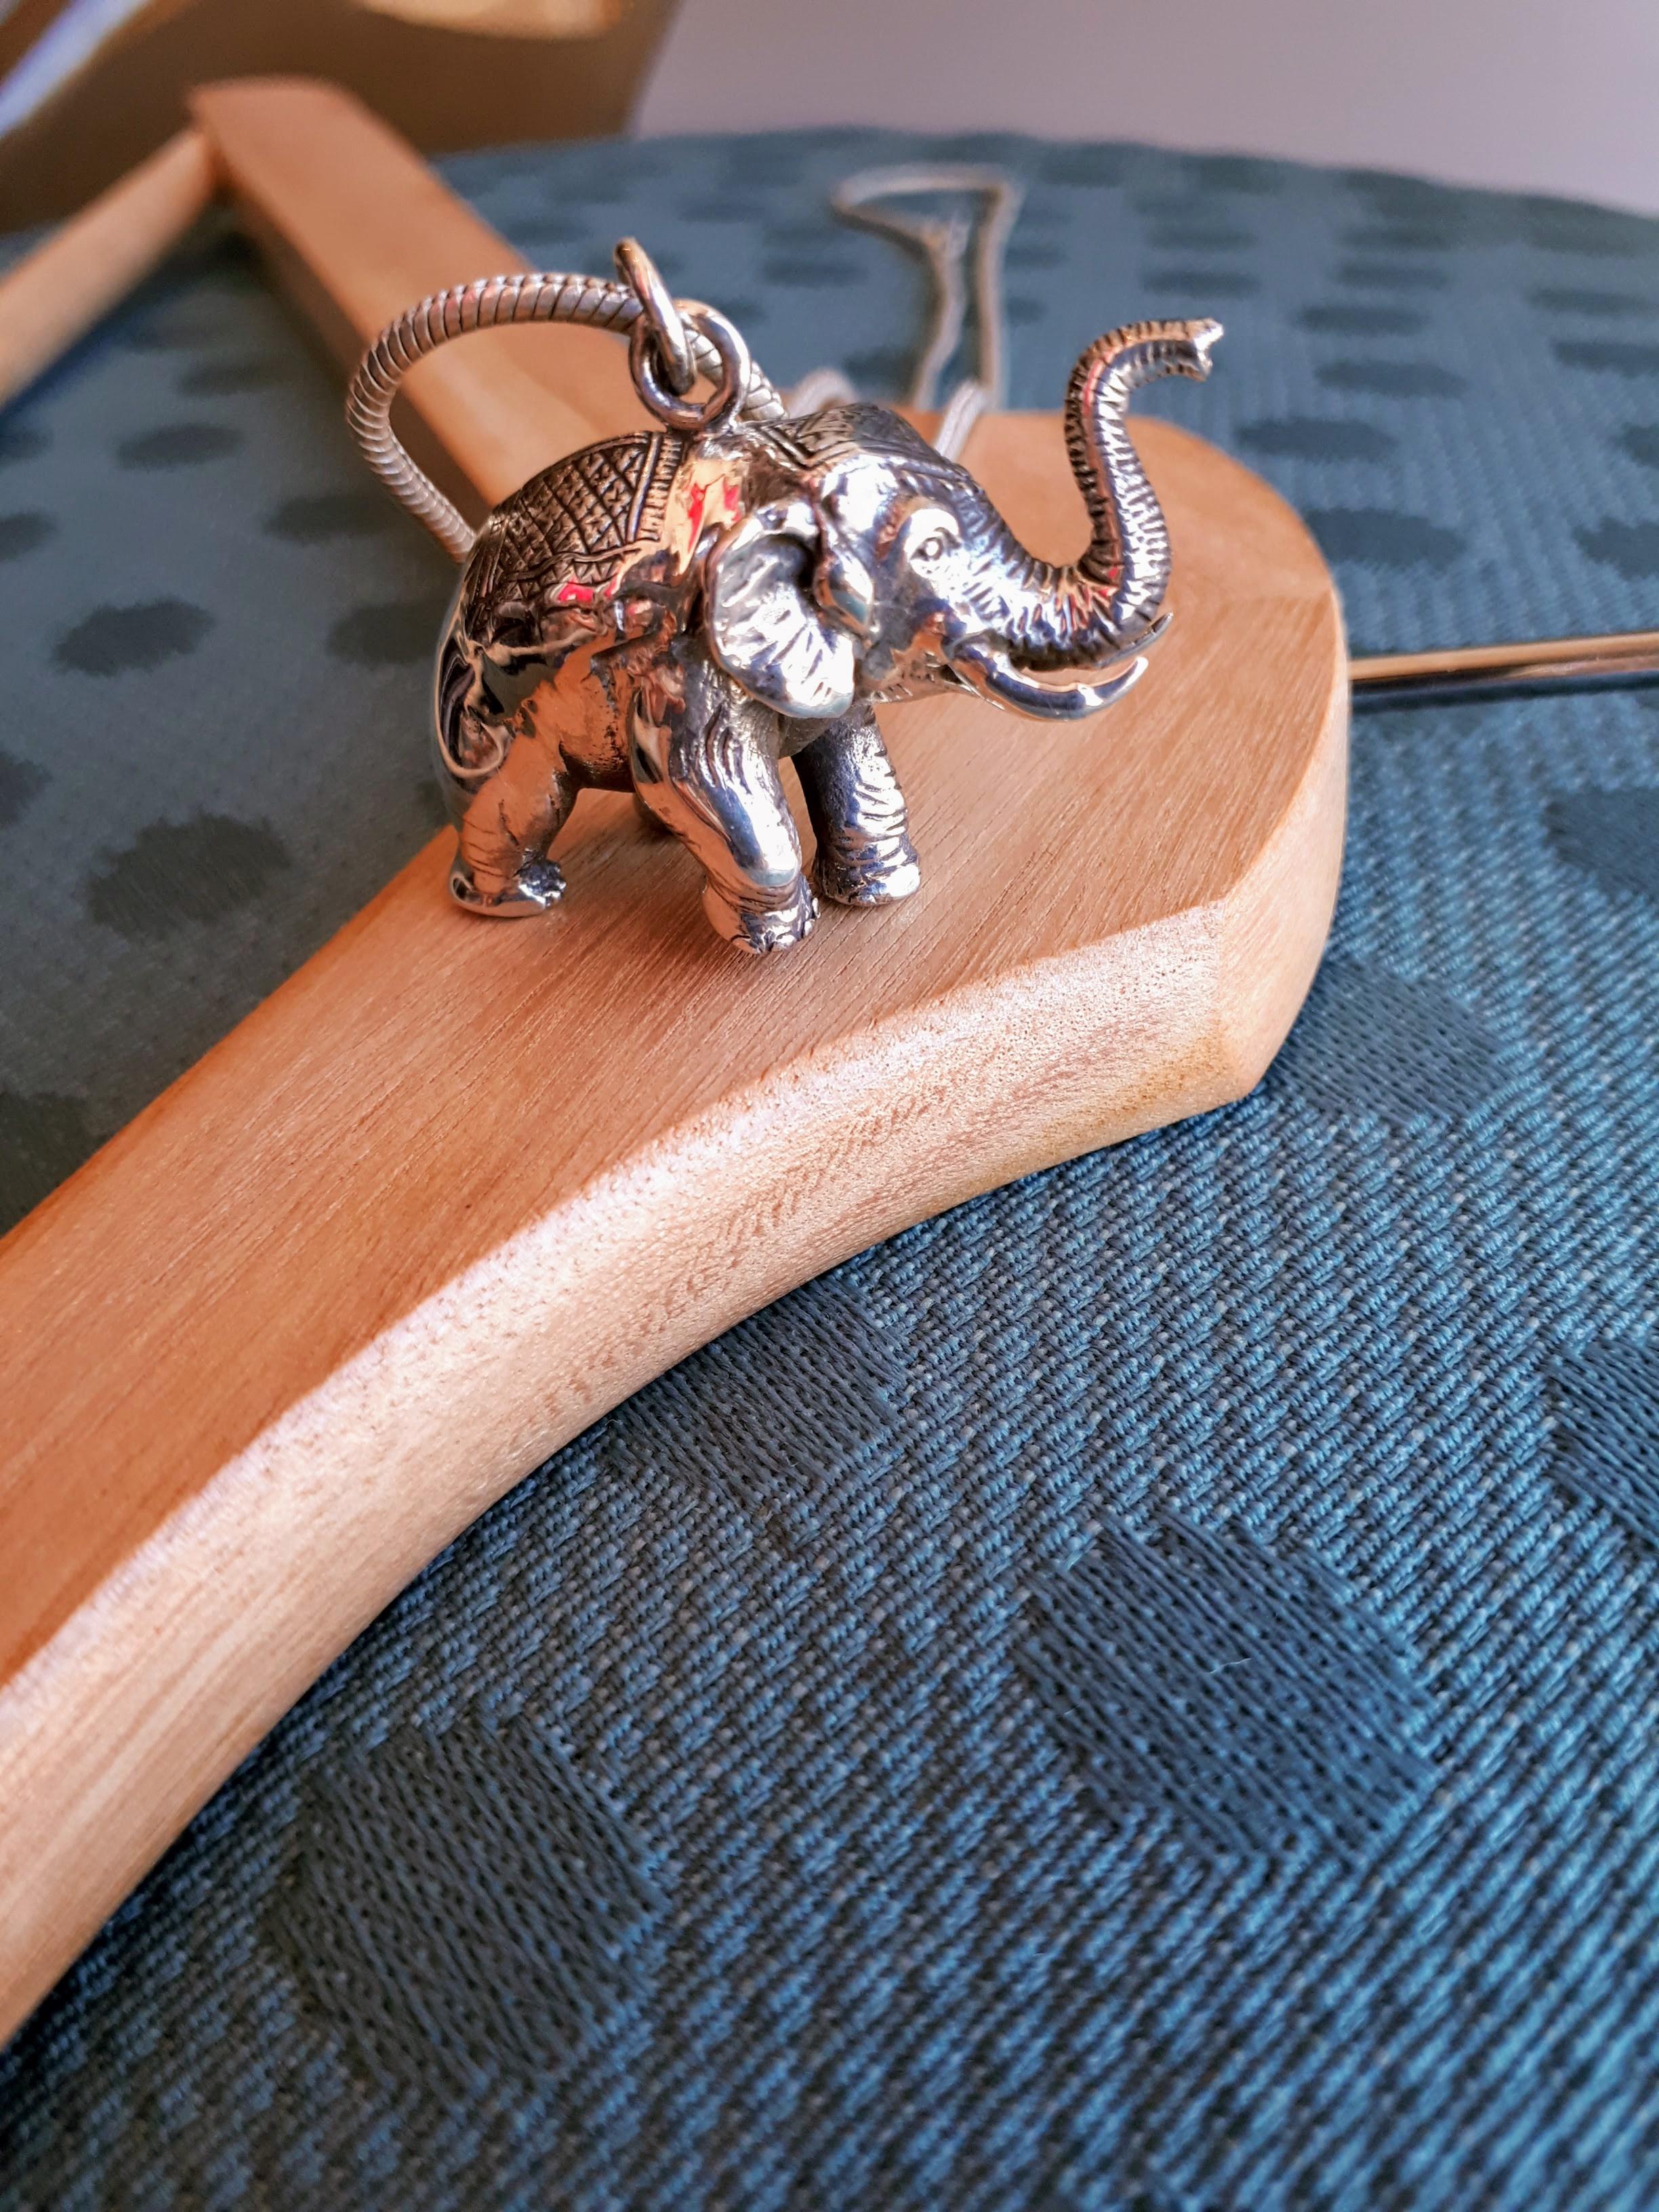 Elephant necklace, $40